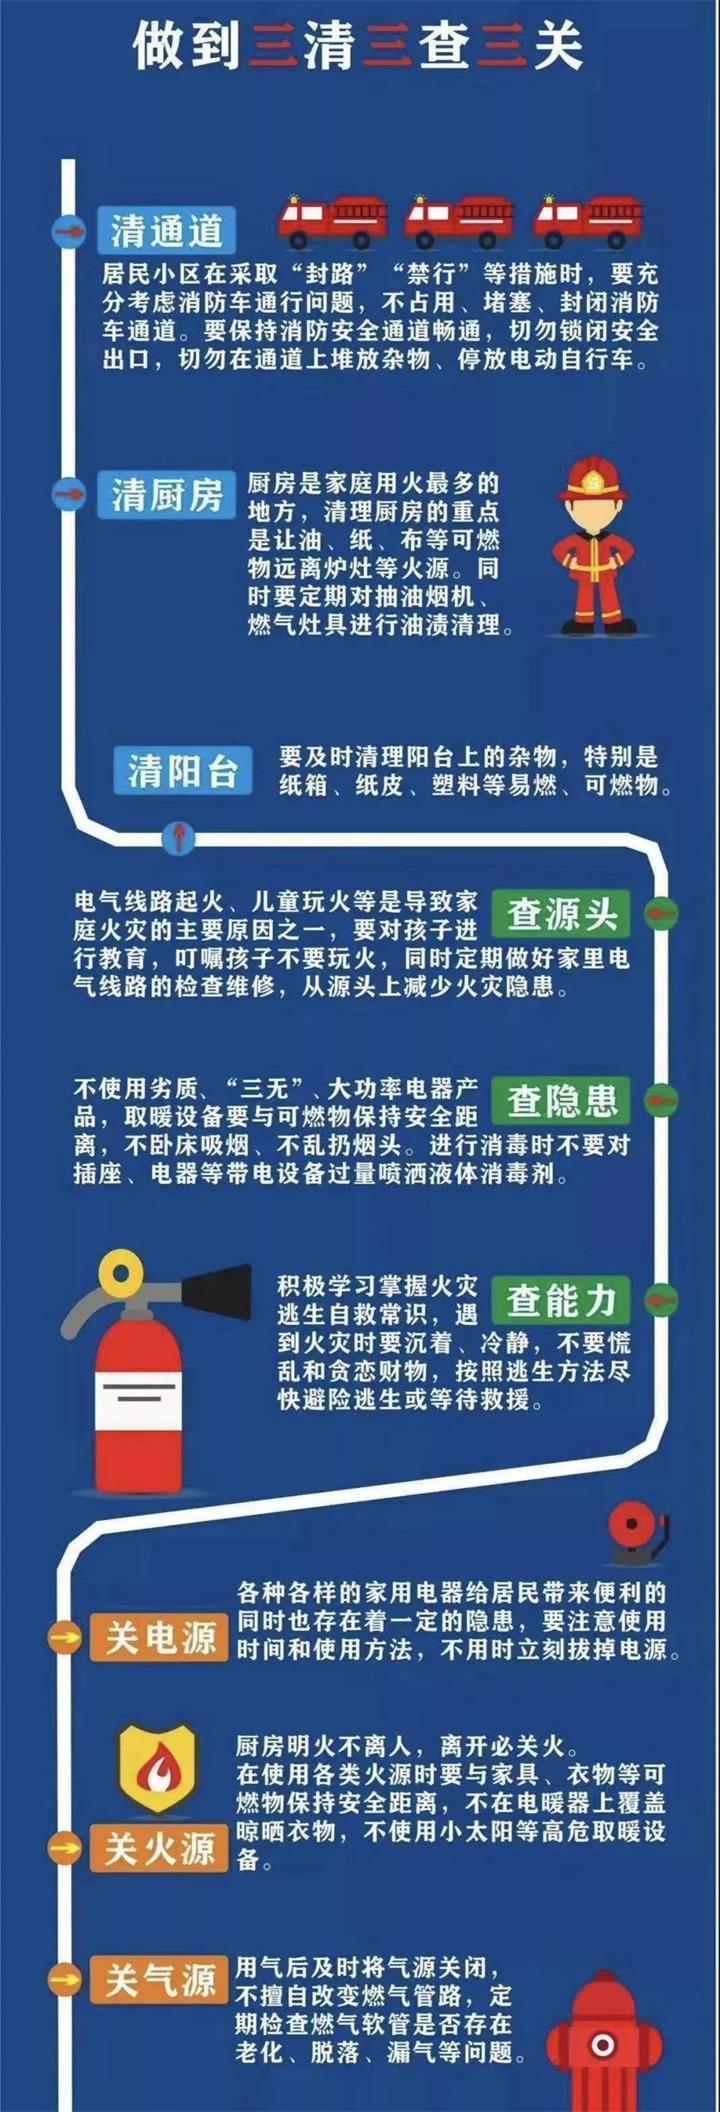 """张家界消防提示:疫情防控期间 家庭消防安全做到 """"三清""""""""三查""""""""三关"""""""